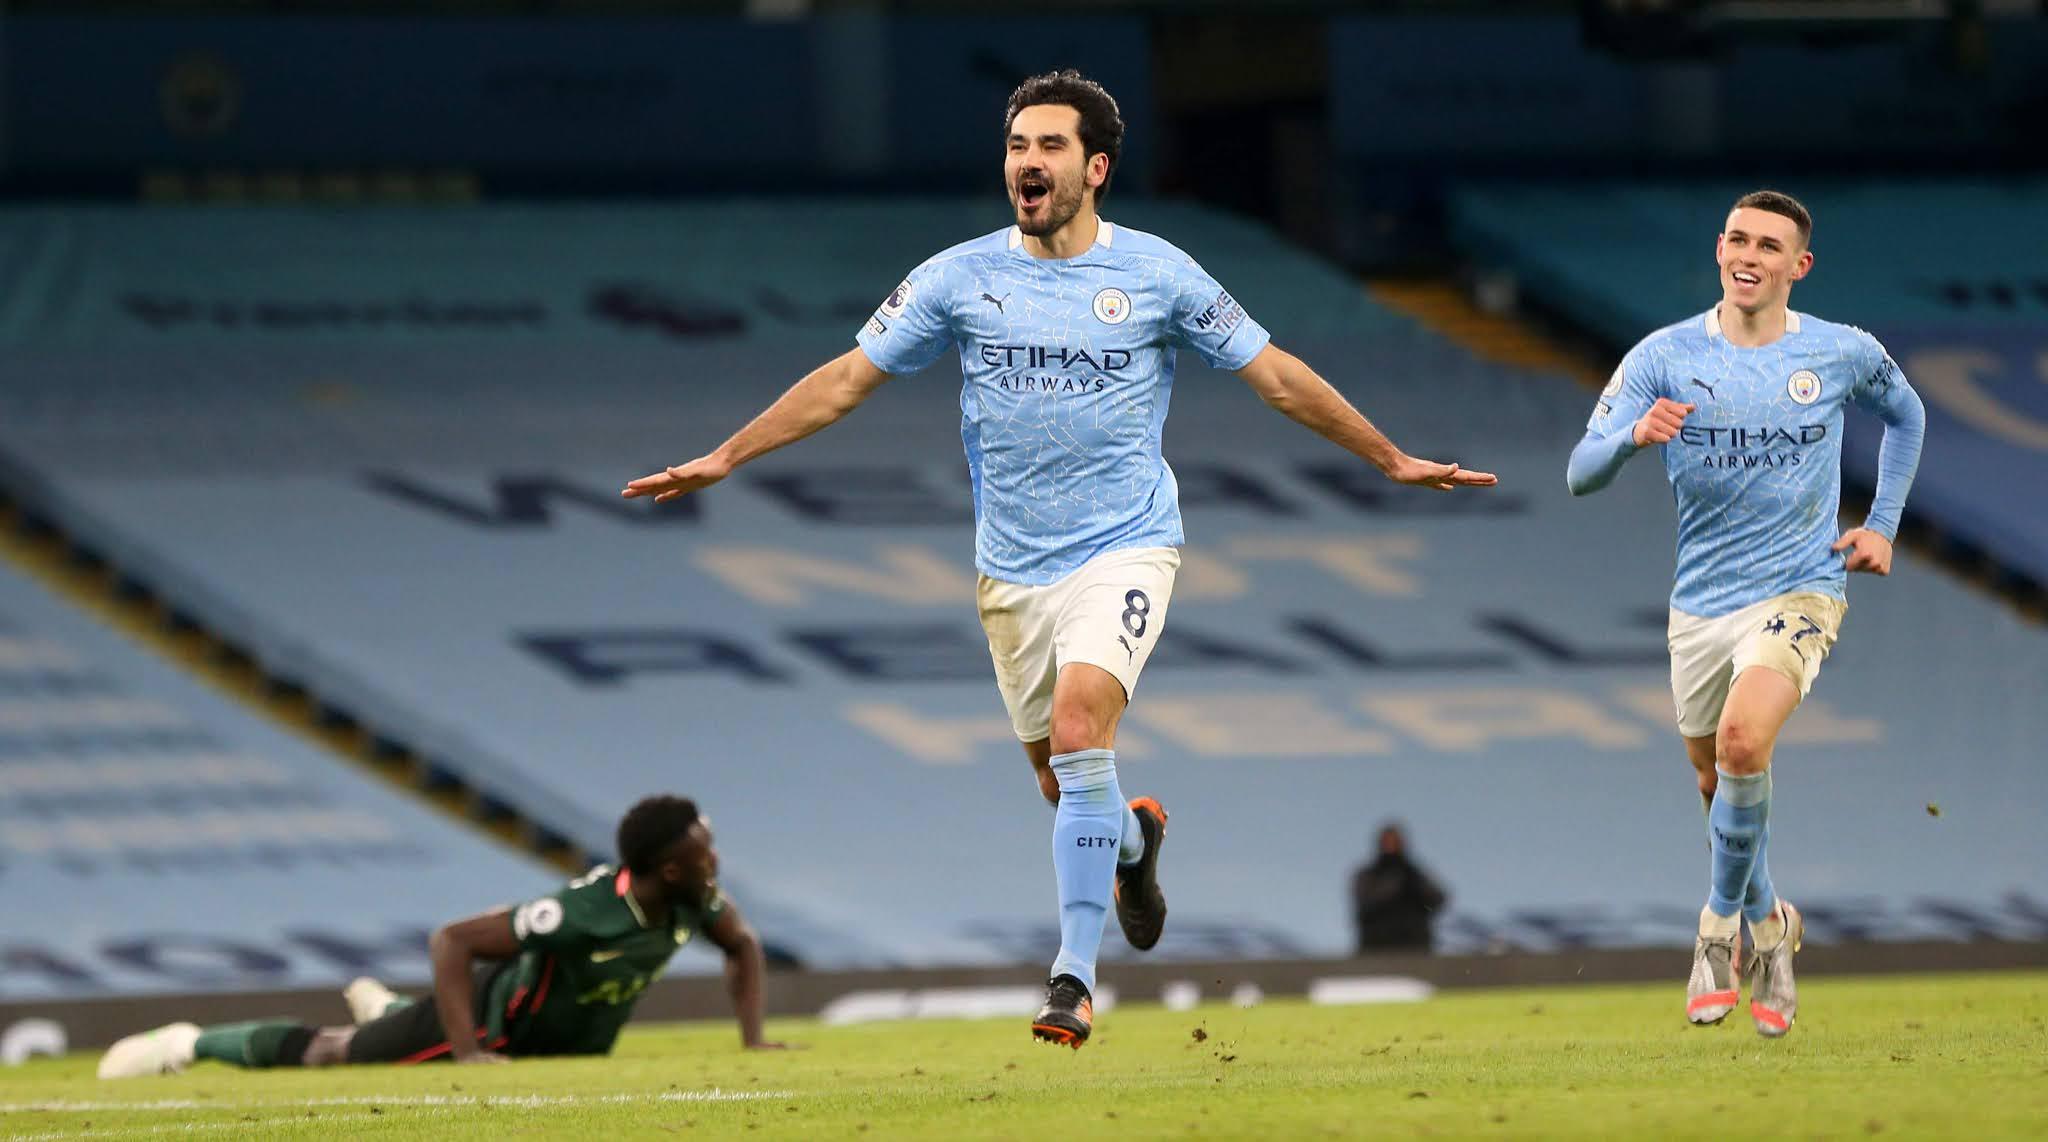 """Manchester City, con """"Kun"""" Agüero de suplente, goleó y se consolidó en liderazgo"""